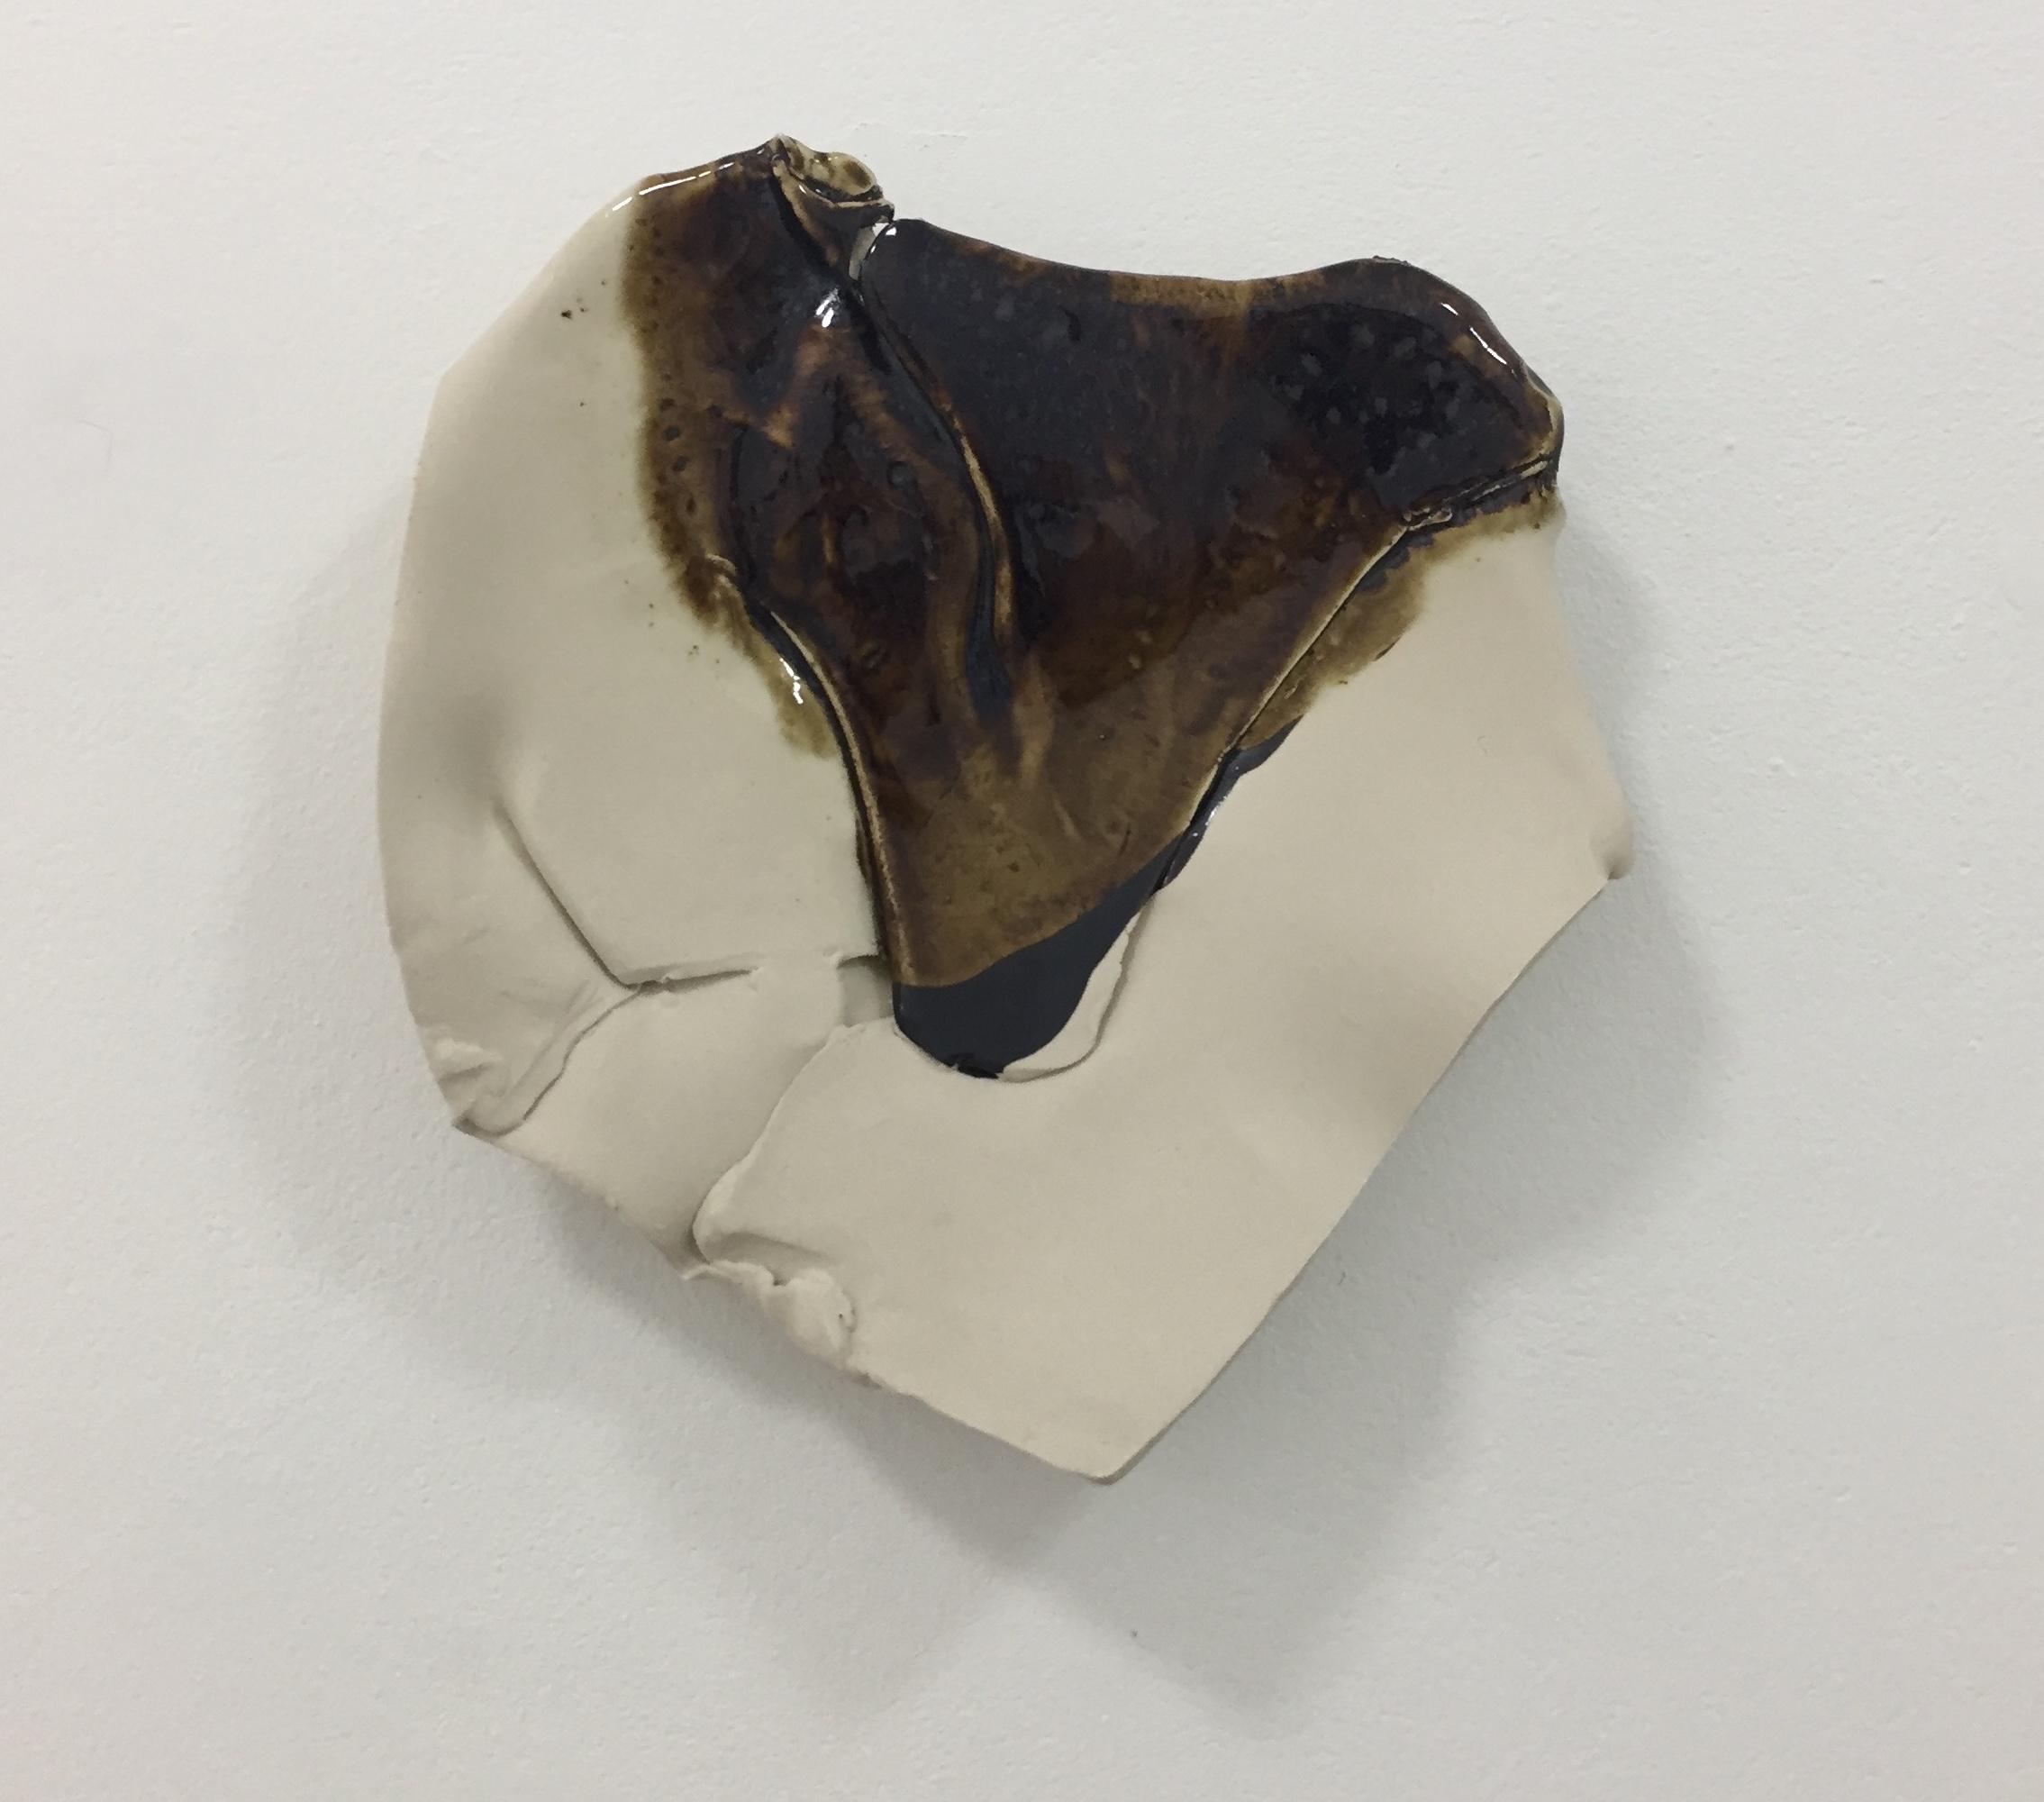 Girlfriend 2018 stoneware with Black Shino & Ash glazes 31x 32 x7.5cm